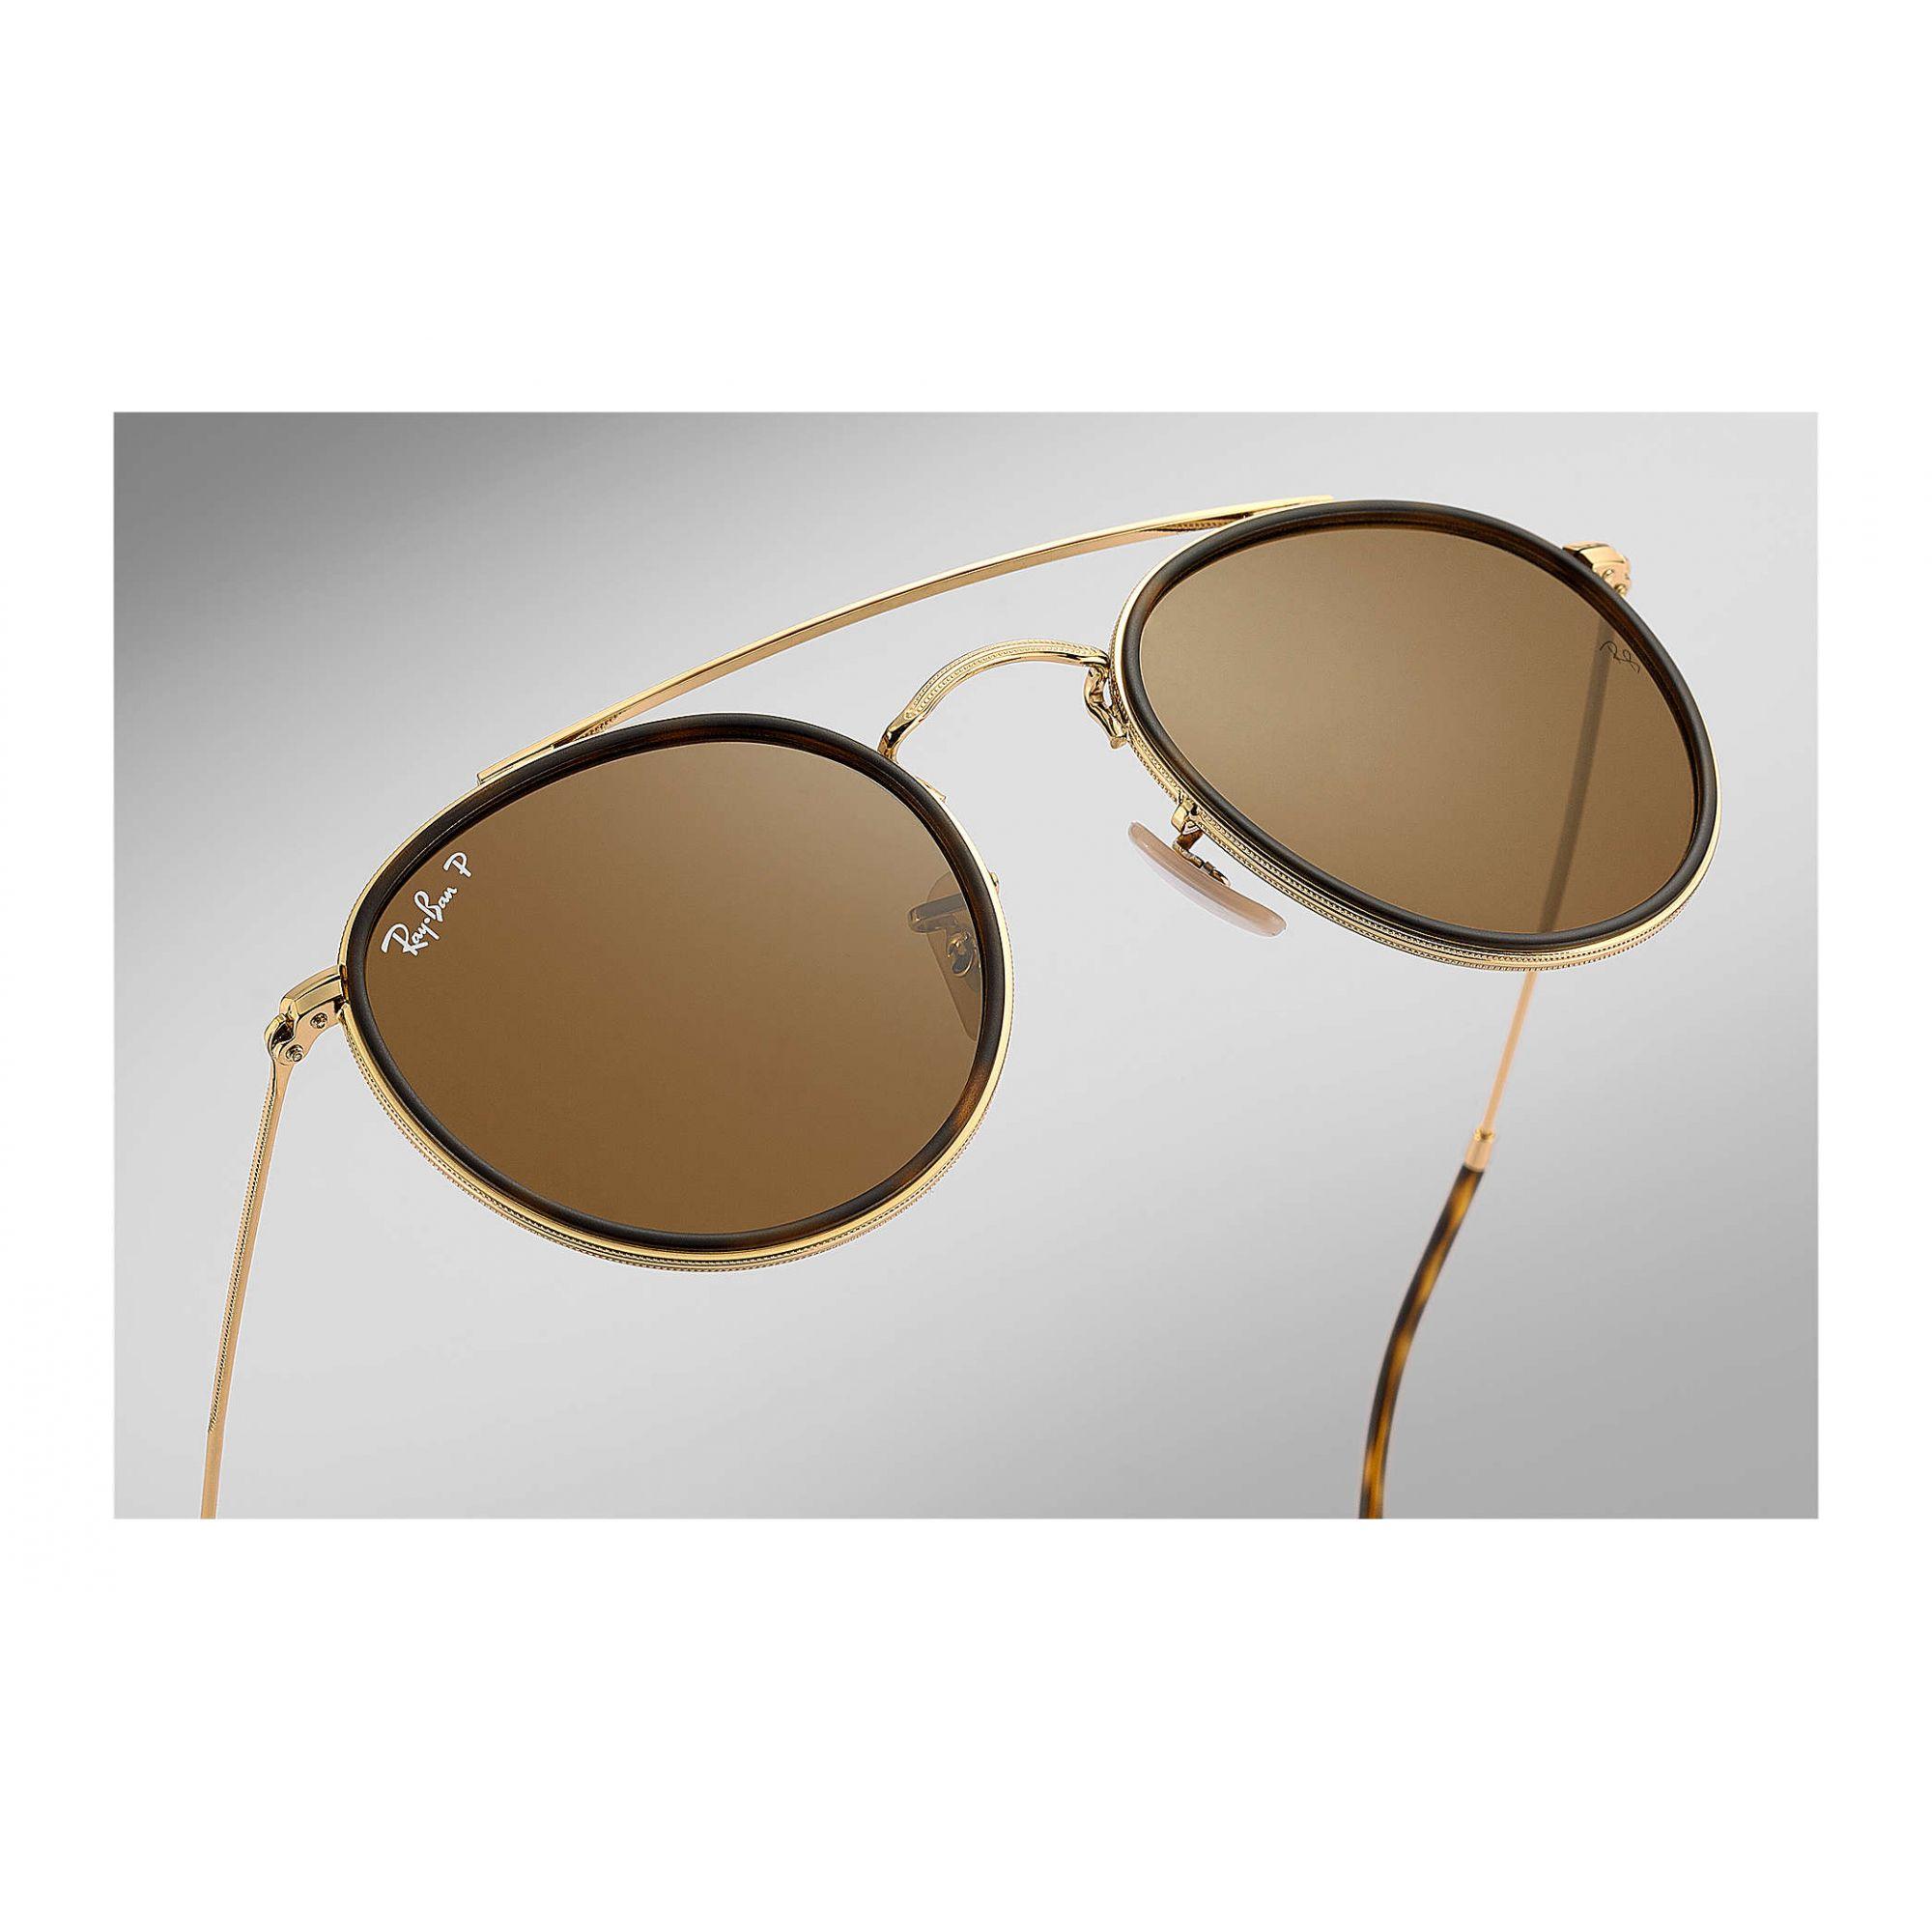 Ray Ban - RB3647N 0015751 - Óculos de sol